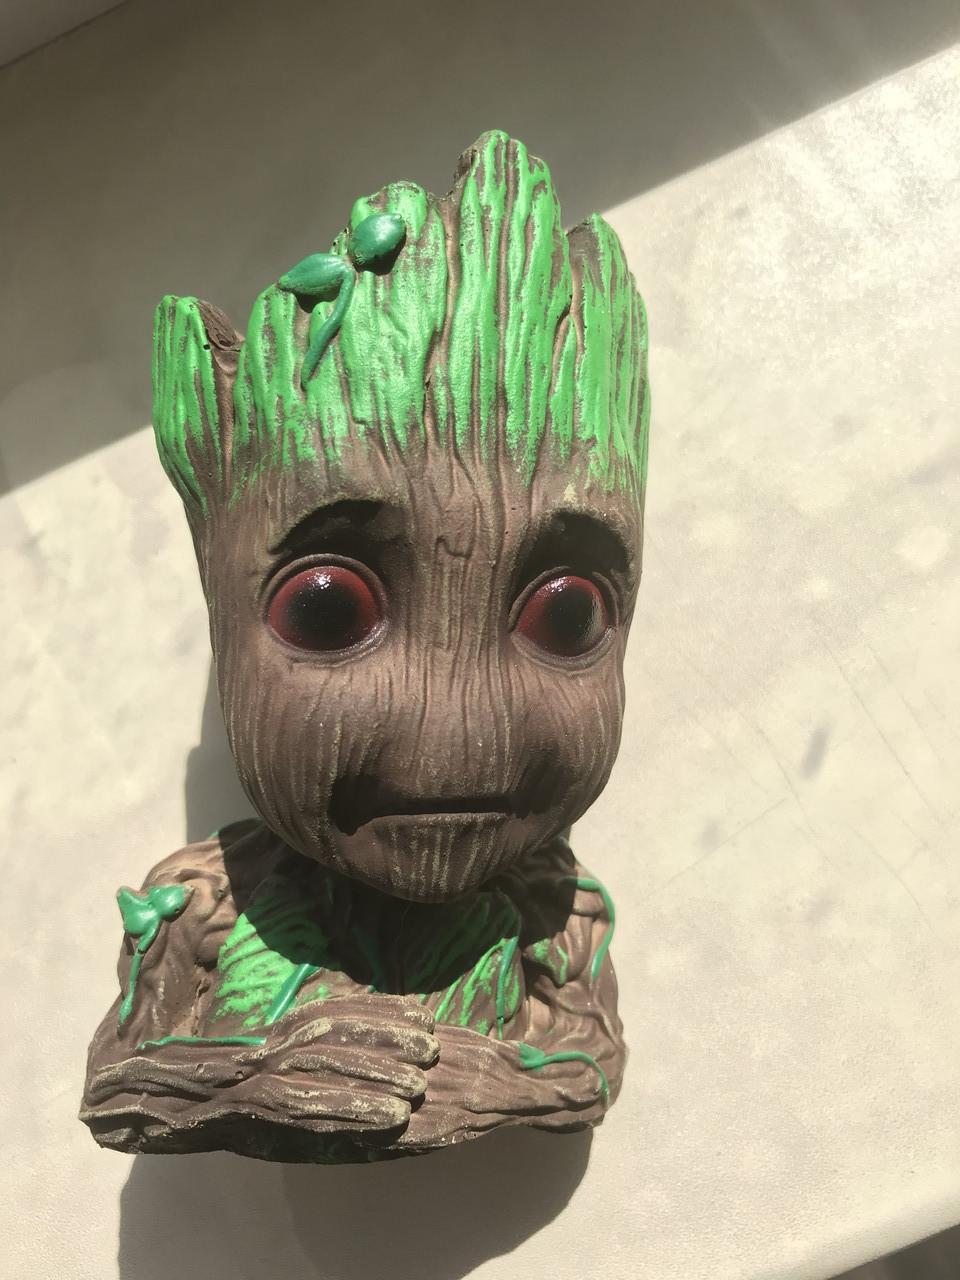 Глиняный цветочный горшок - задумчивый малыш Грут - из Стражей Галактики от Marvel задумчивый